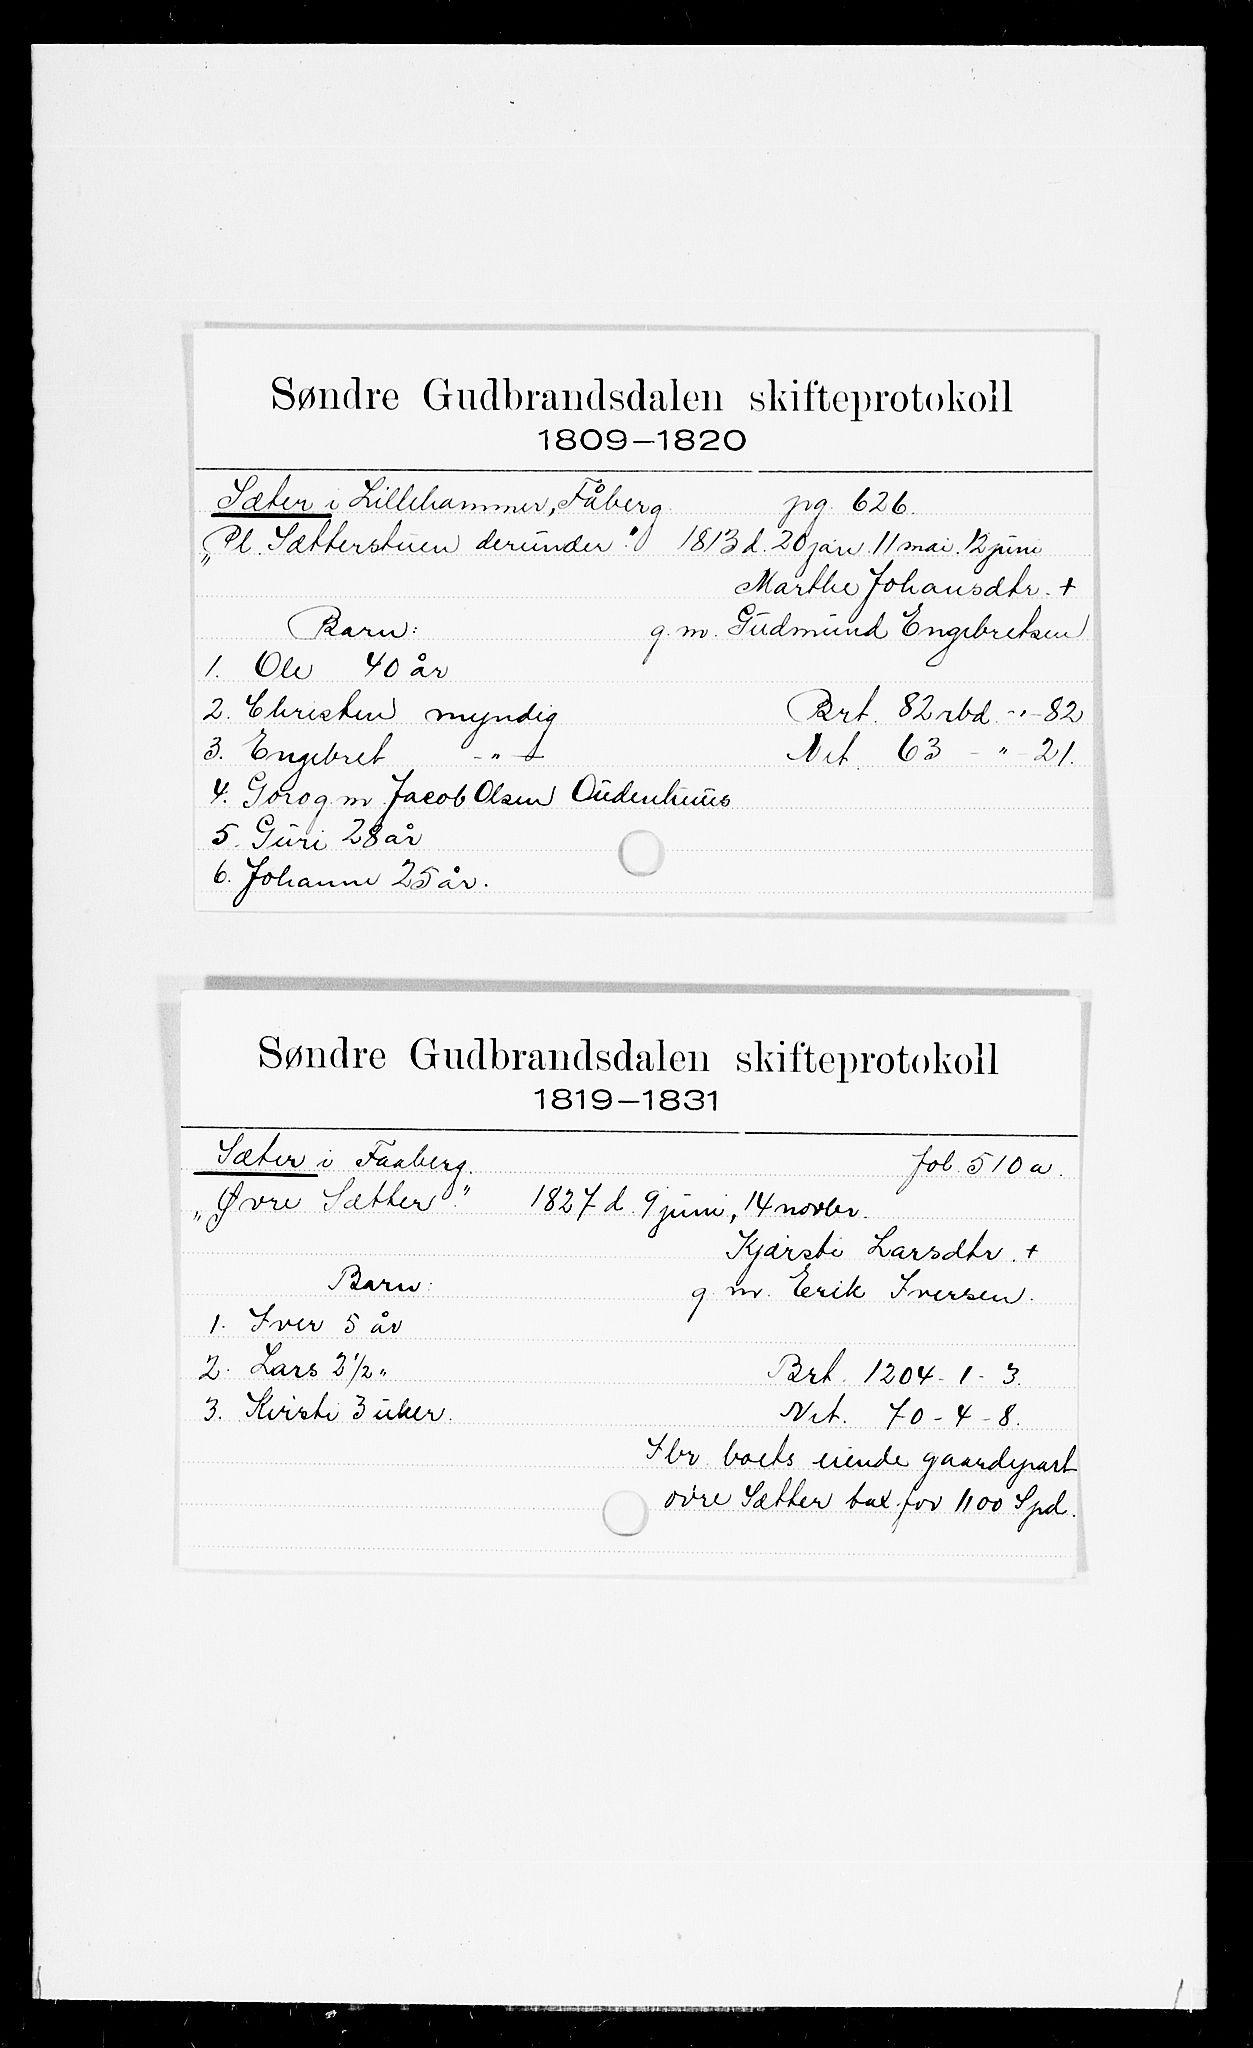 SAH, Sør-Gudbrandsdal tingrett, J, 1658-1885, p. 16507